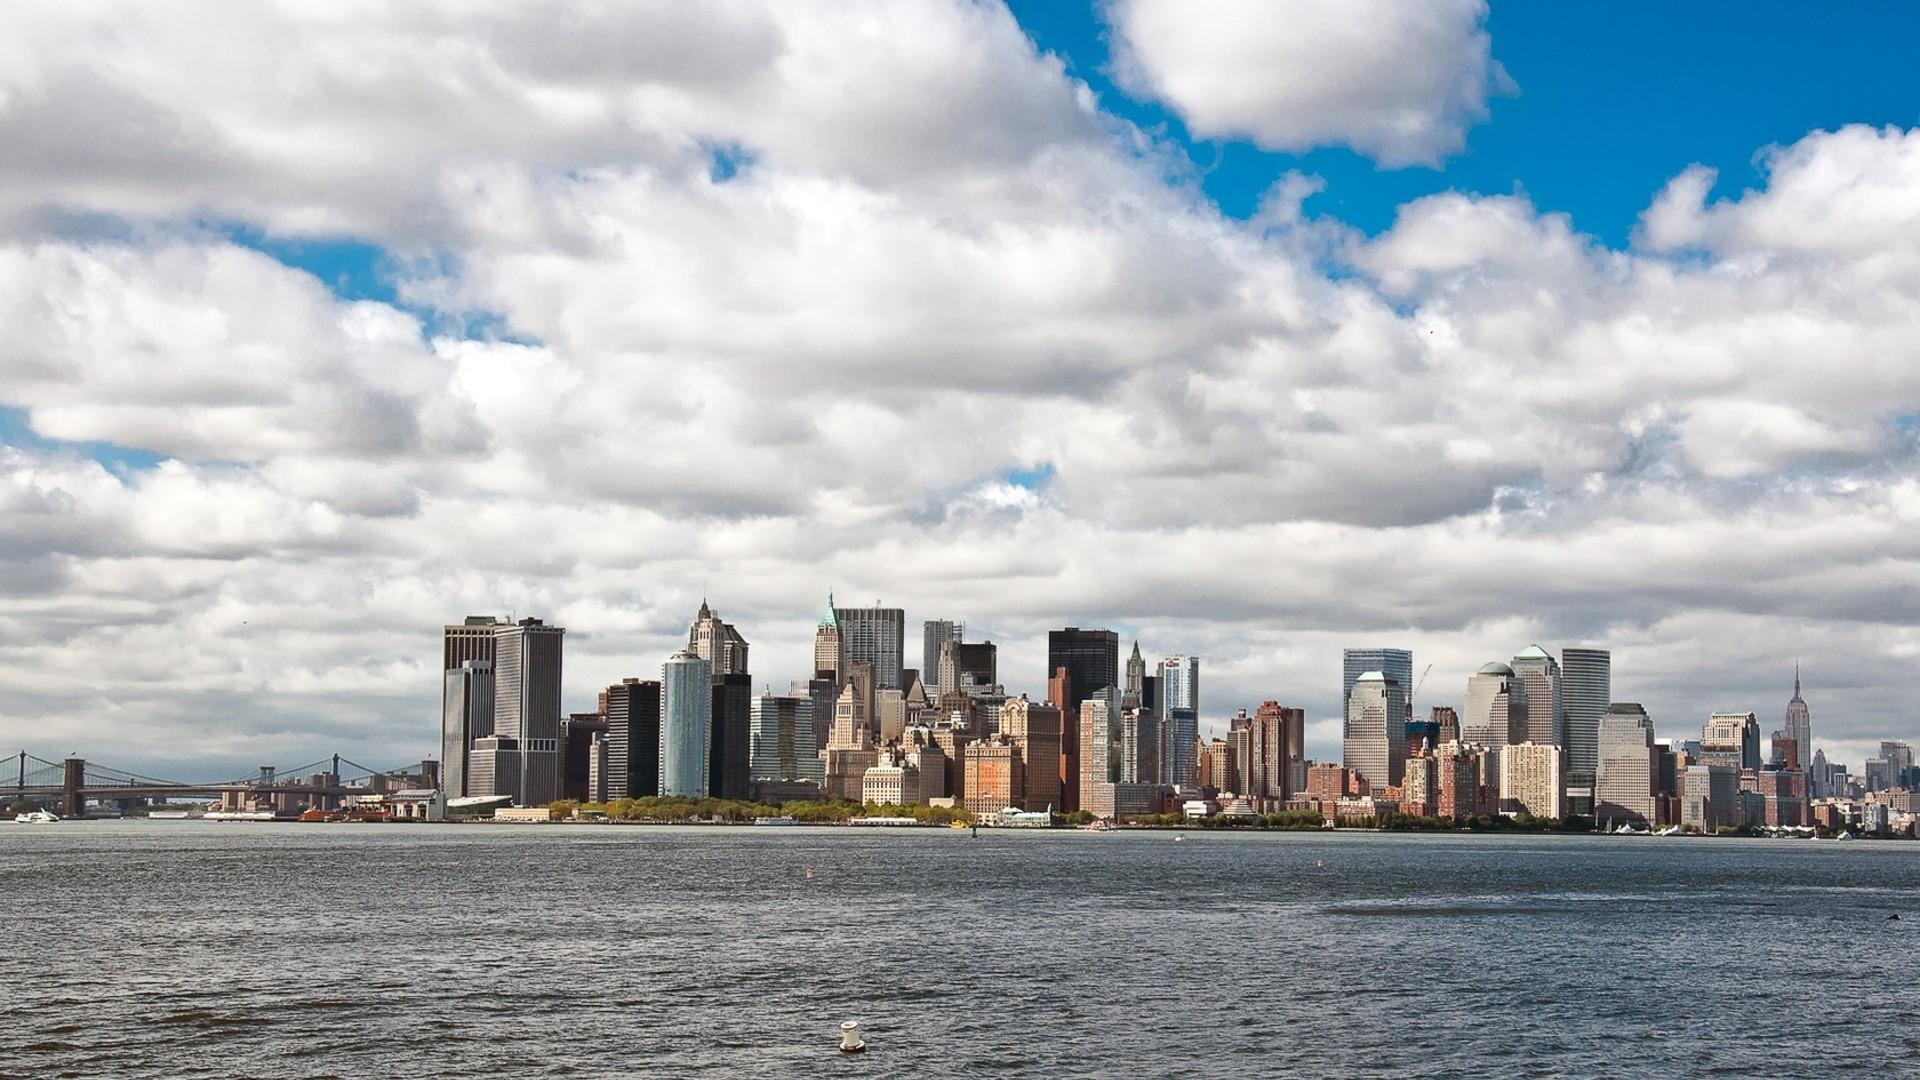 General 1920x1080 cityscape city architecture building clouds water bridge New York City USA skyscraper